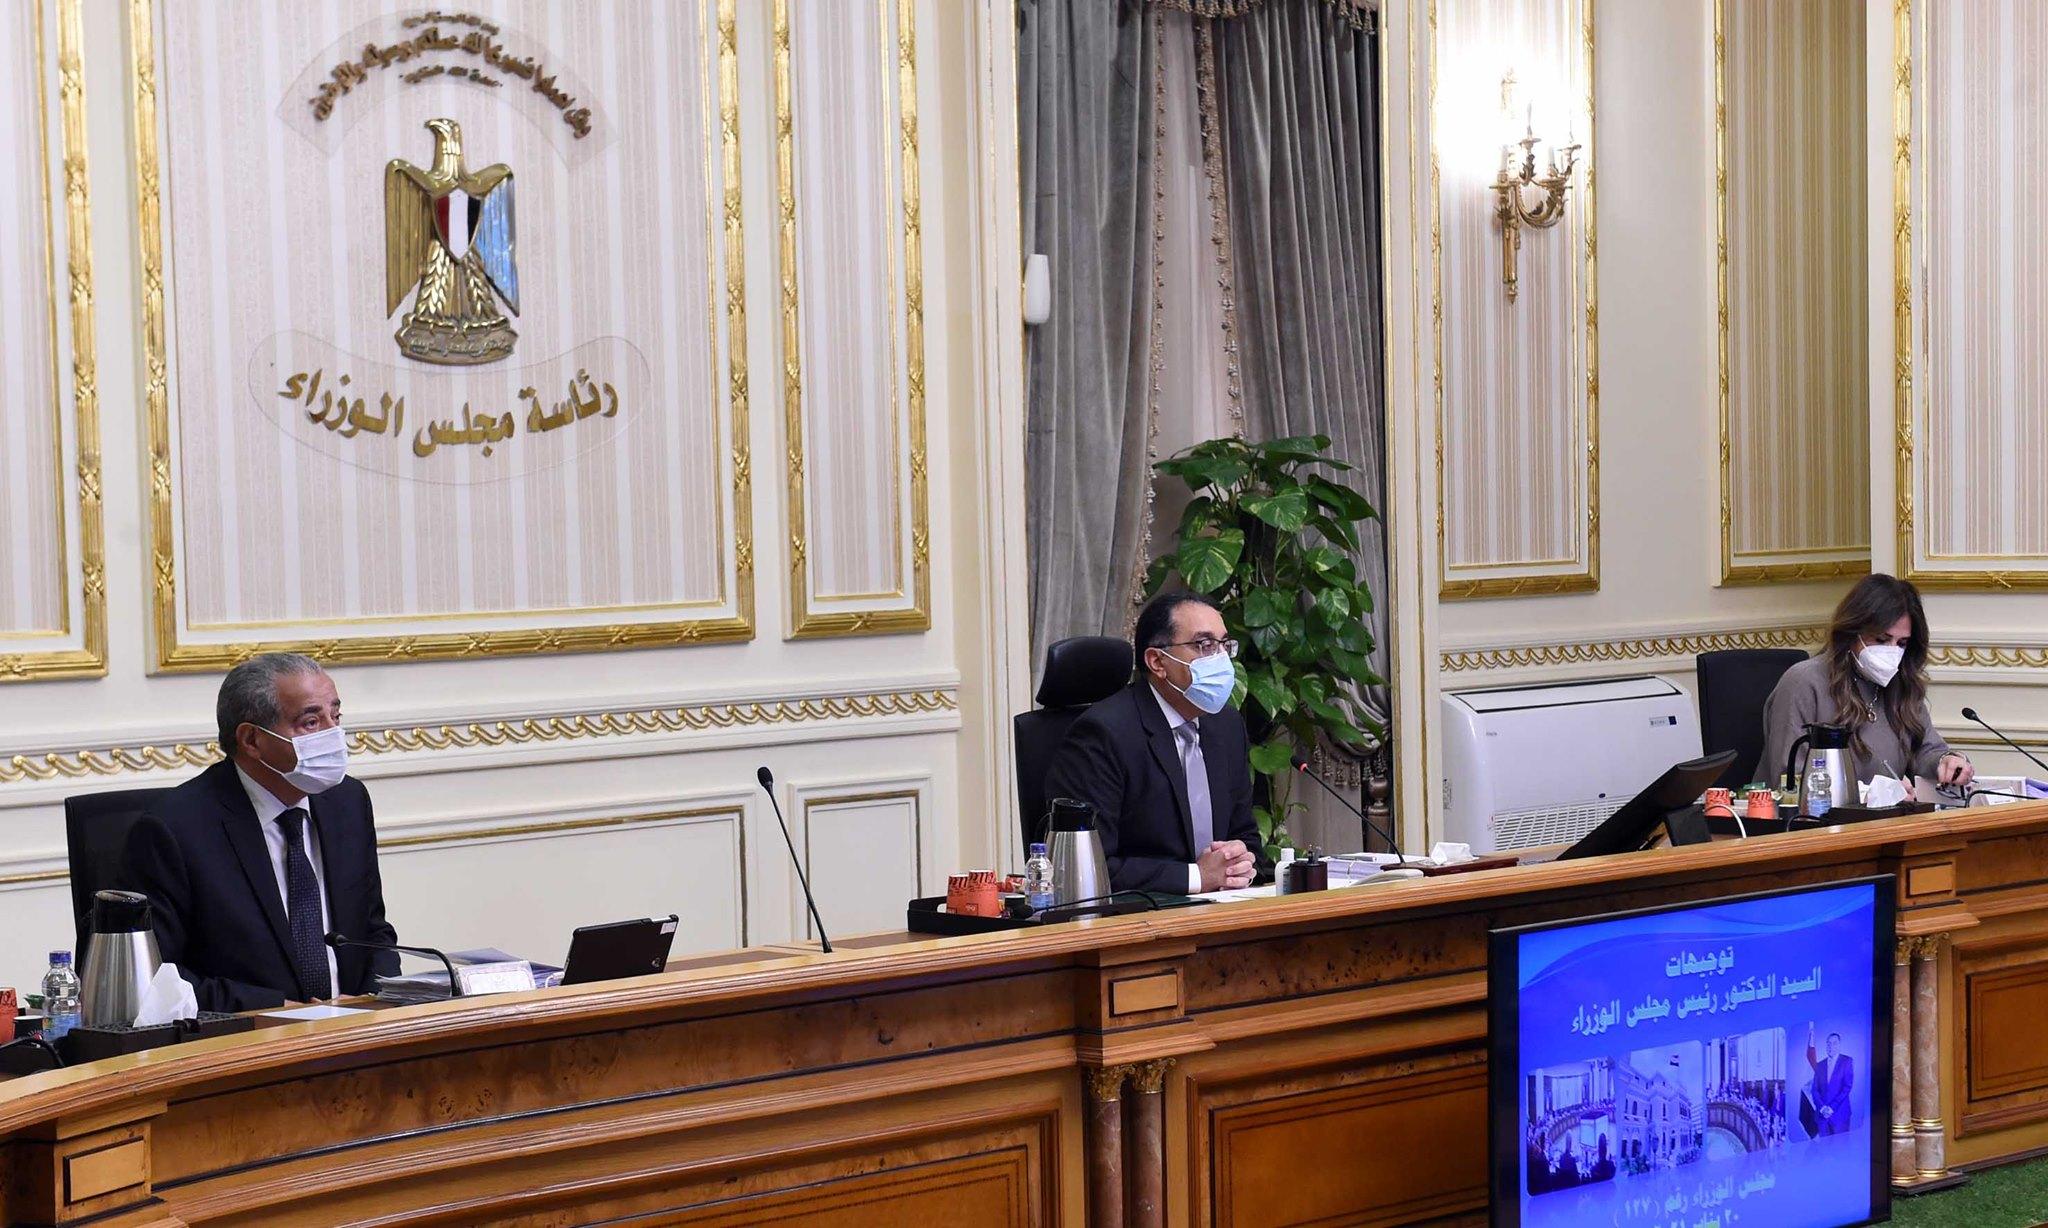 مدبولي يهنئ الرئيس والشعب بذكرى ثورة 25 يناير وعيد الشرطة